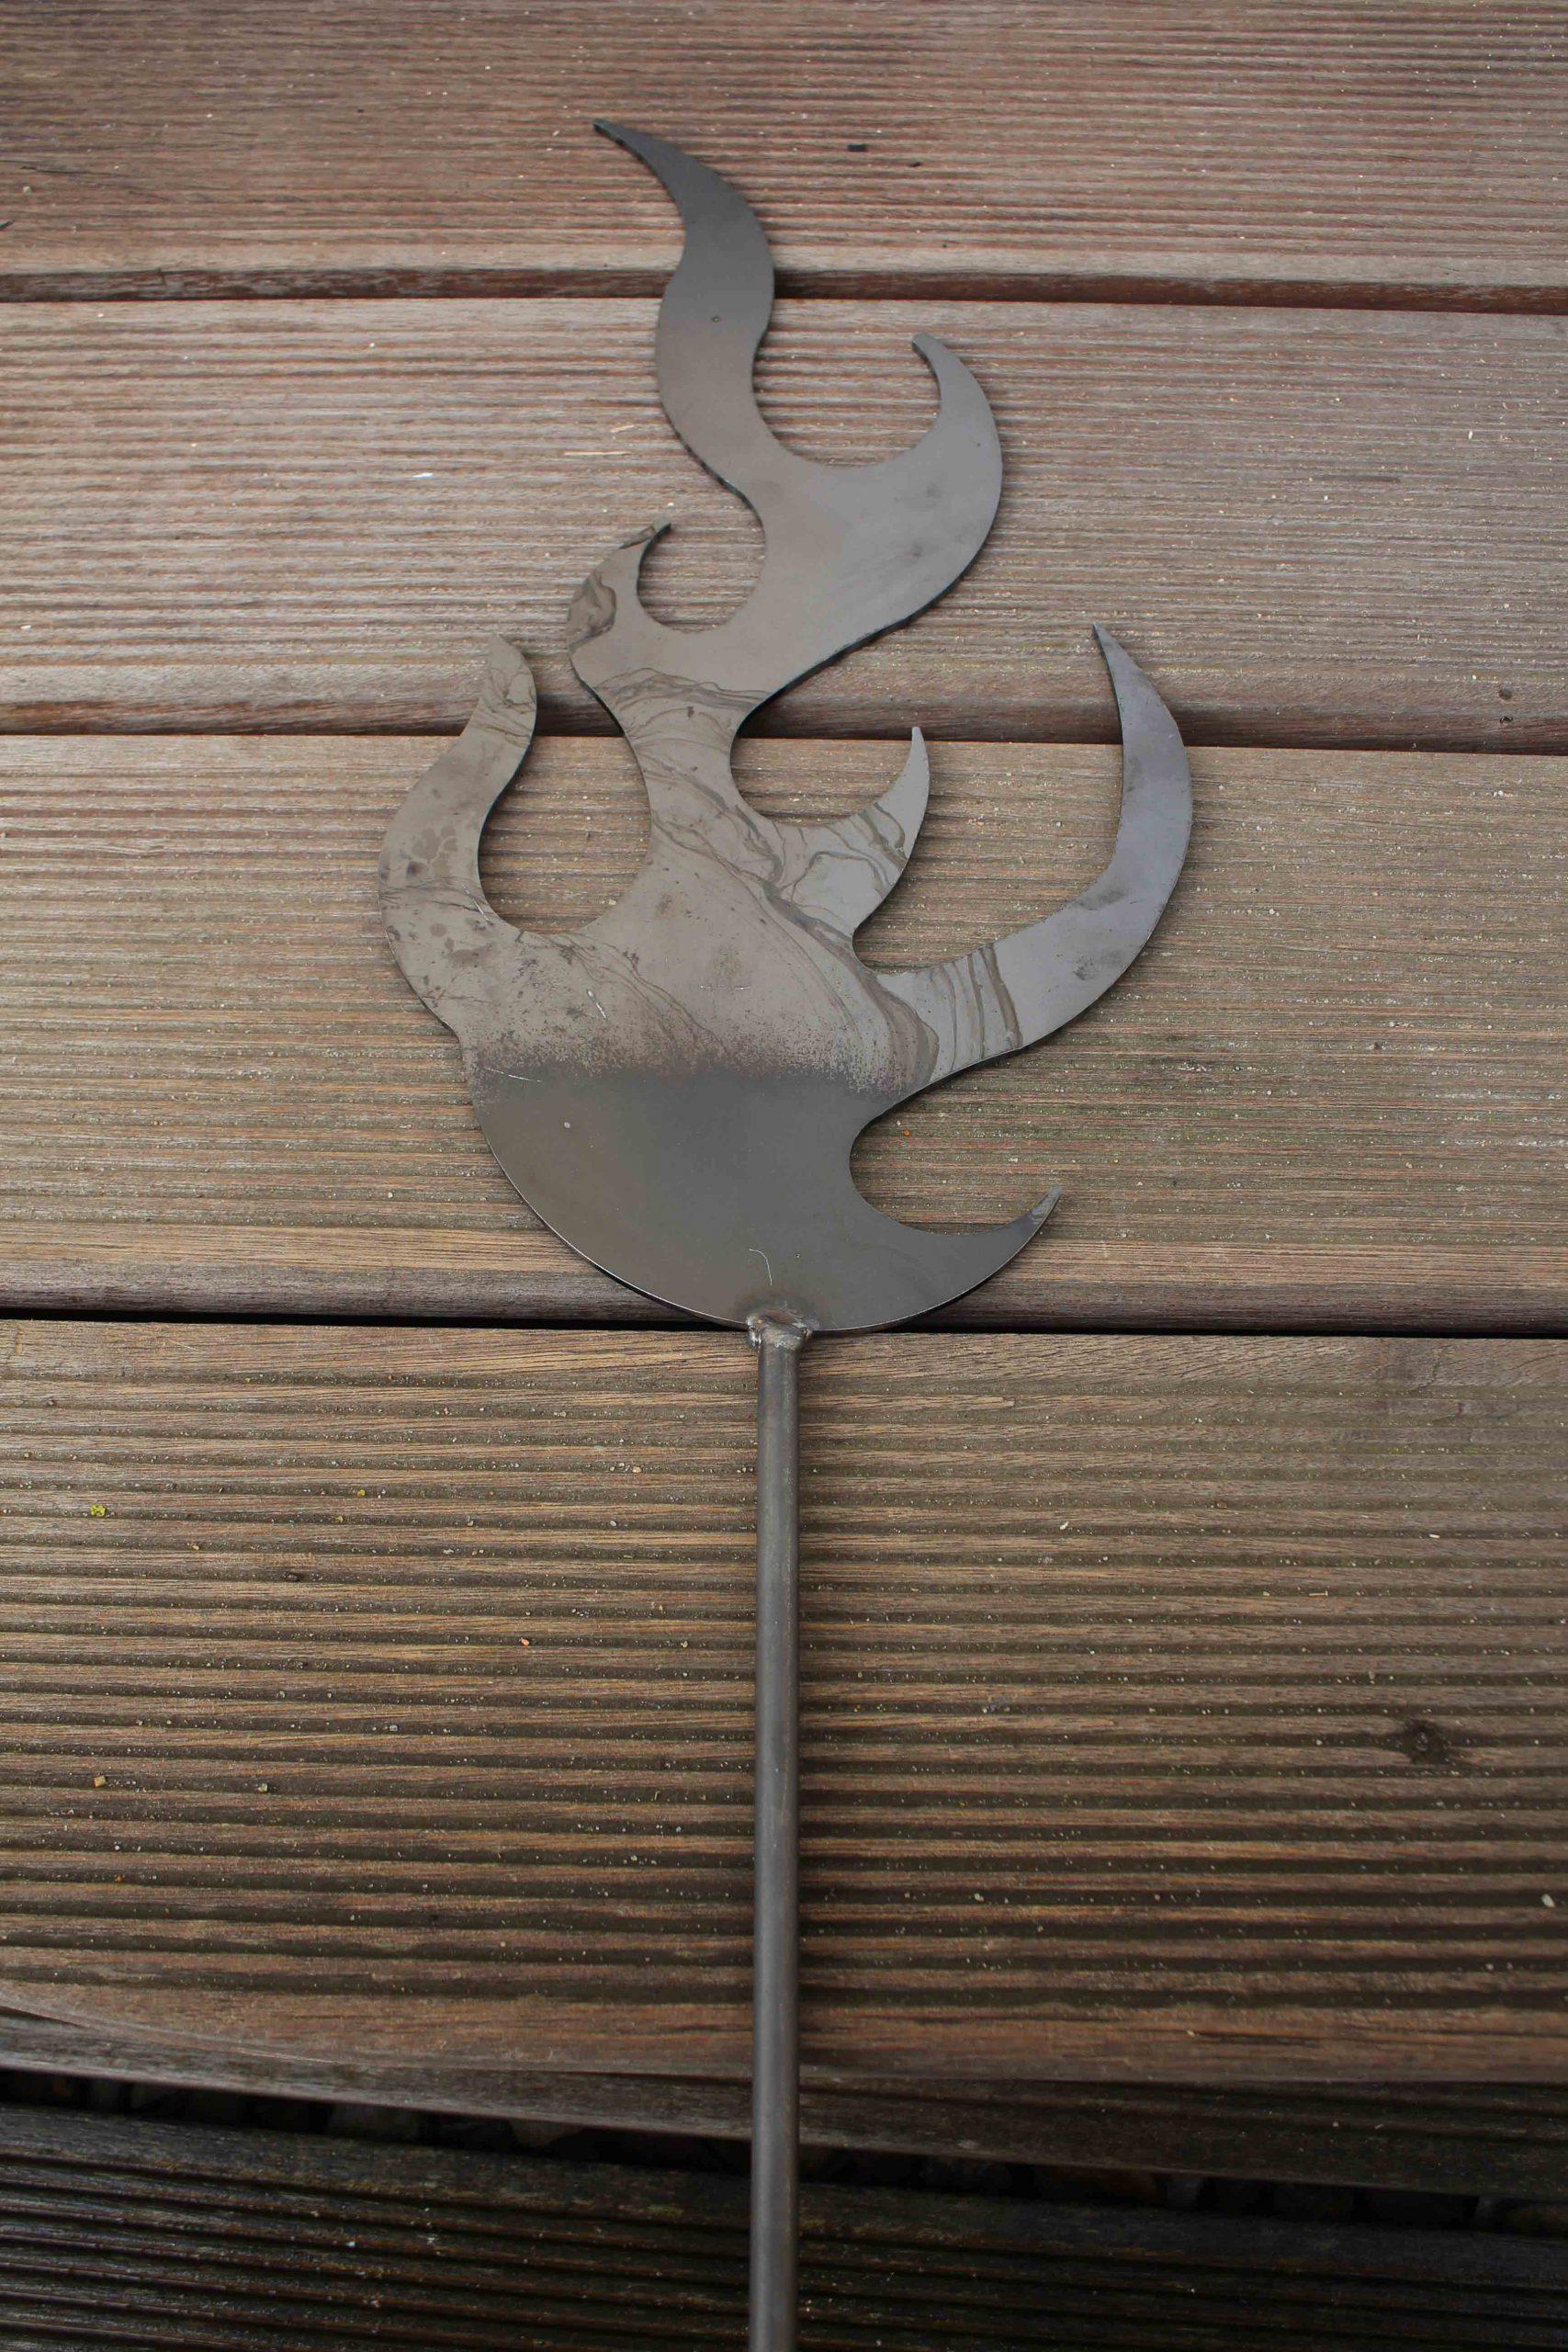 Full Size of Gartendeko Aus Holz Und Metall Flamme Metallkunst Holzhaus Garten Runder Esstisch Ausziehbar Weiß Regal Obstkisten Thailand Rundreise Baden Landhaus Wohnzimmer Gartendeko Aus Holz Und Metall